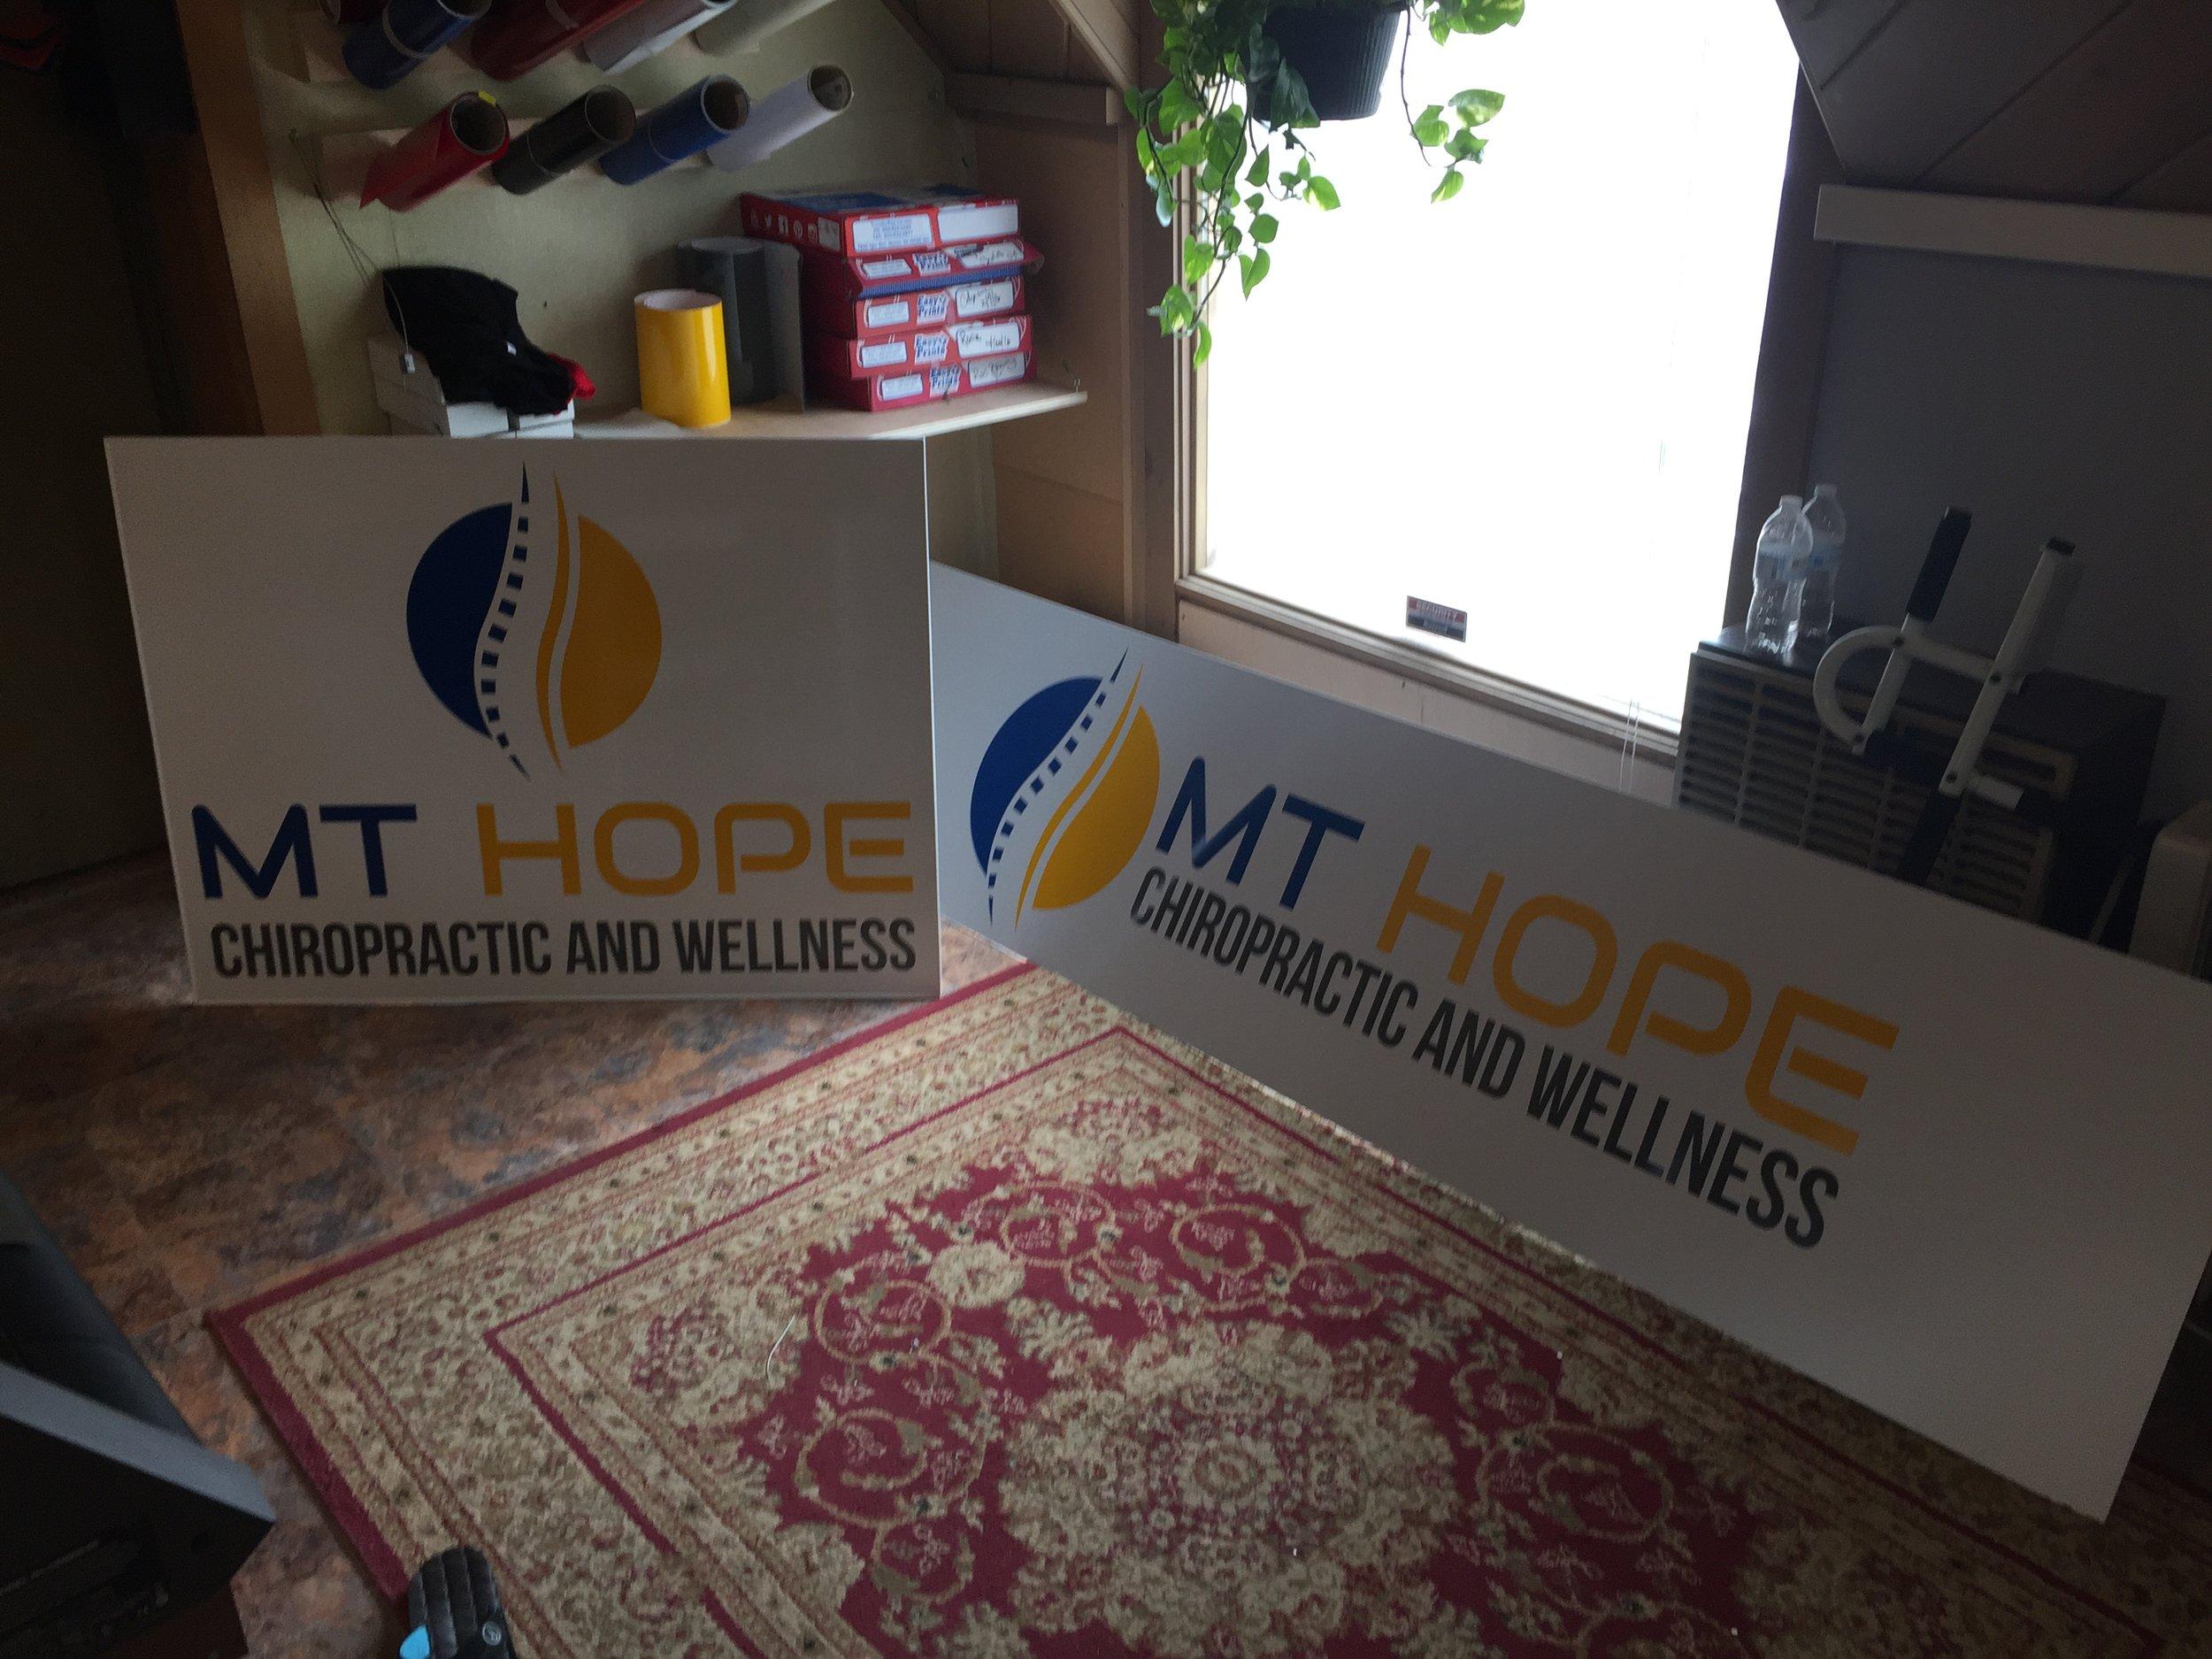 MT Hope Chiropractic